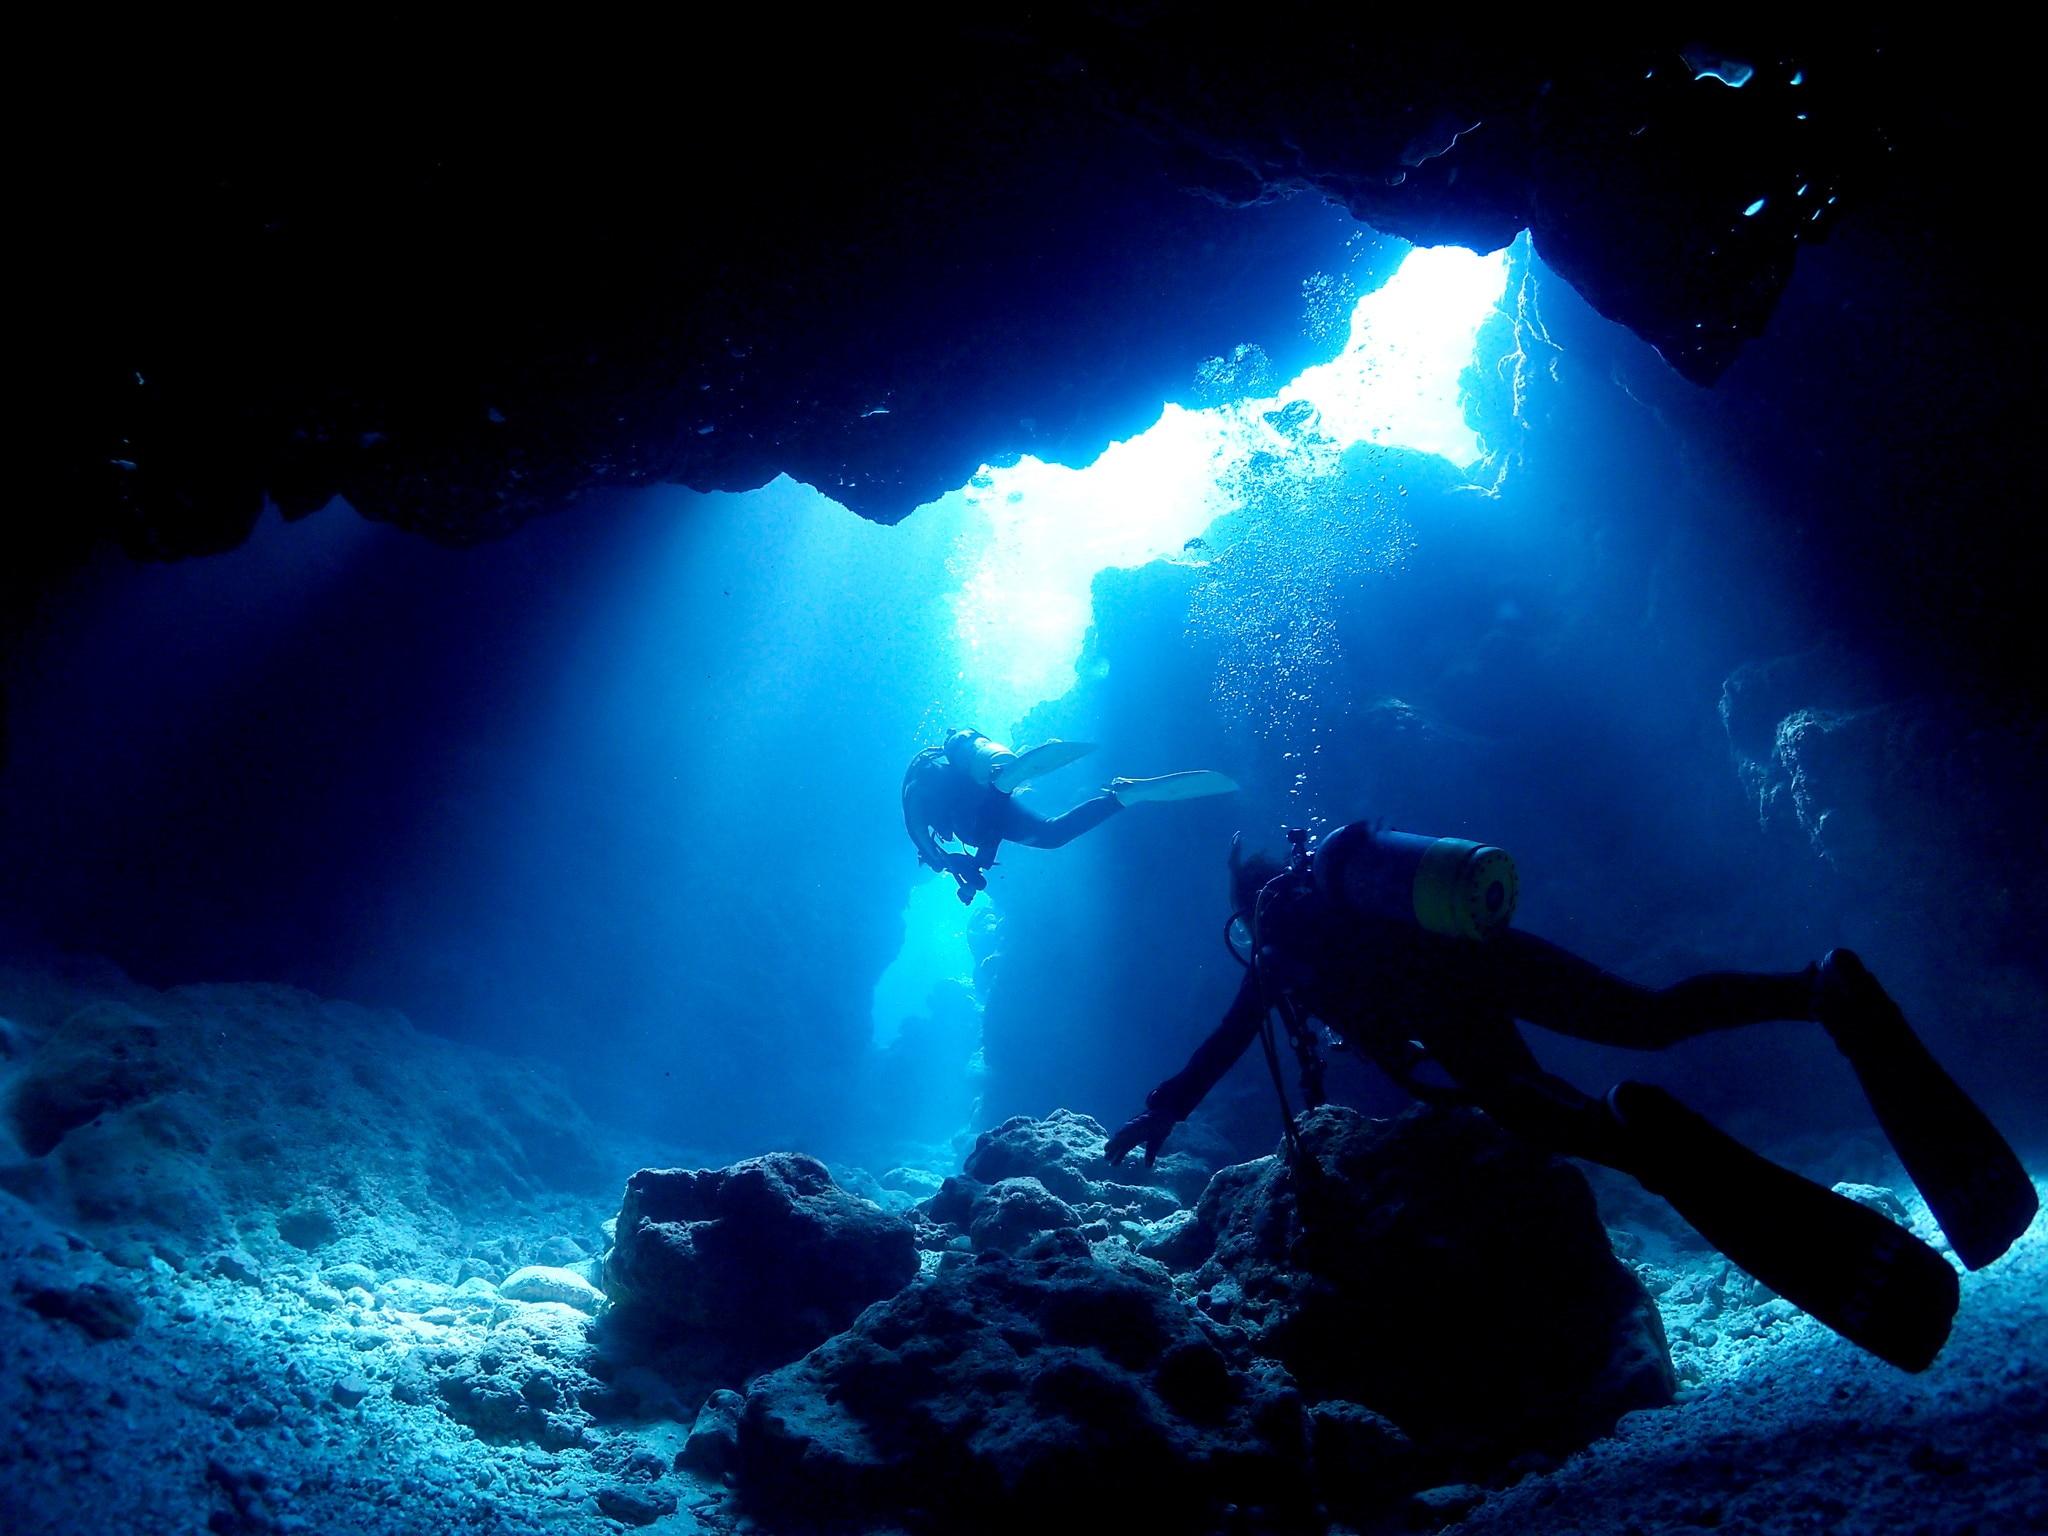 ショップがよく潜るダイビングポイントイメージ